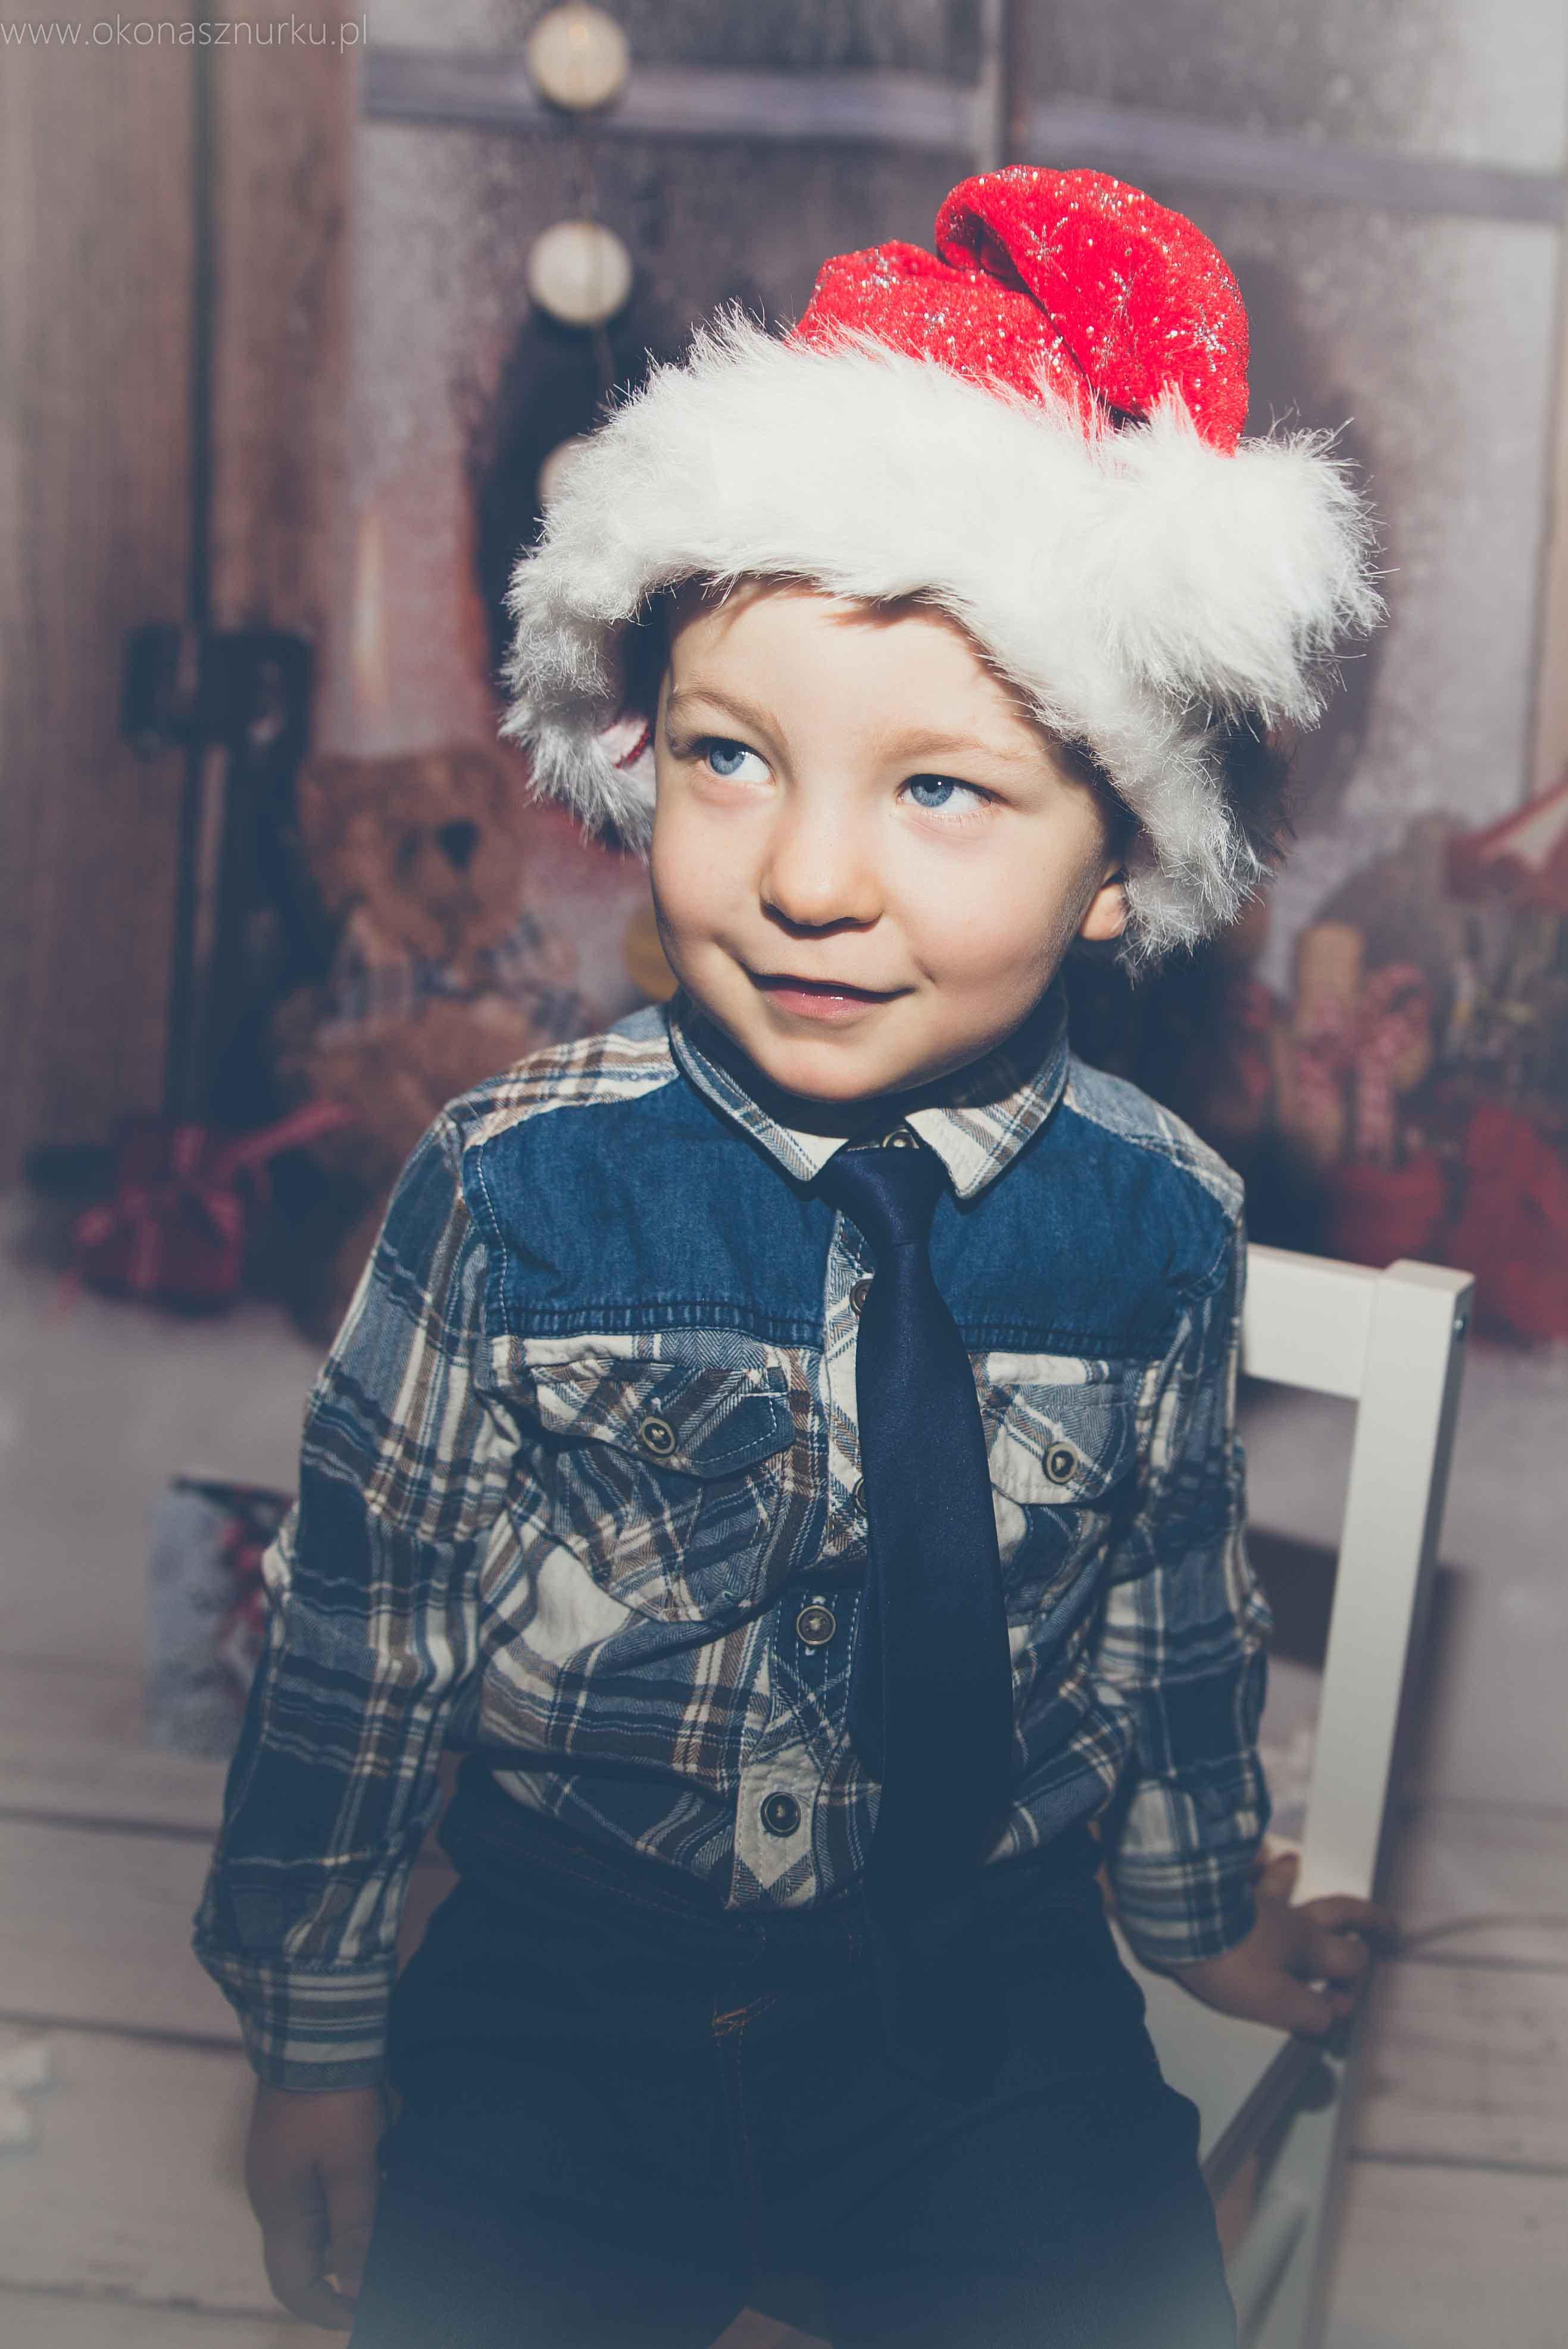 sesja świąteczna fotograficzna dziecka rodziny (11)